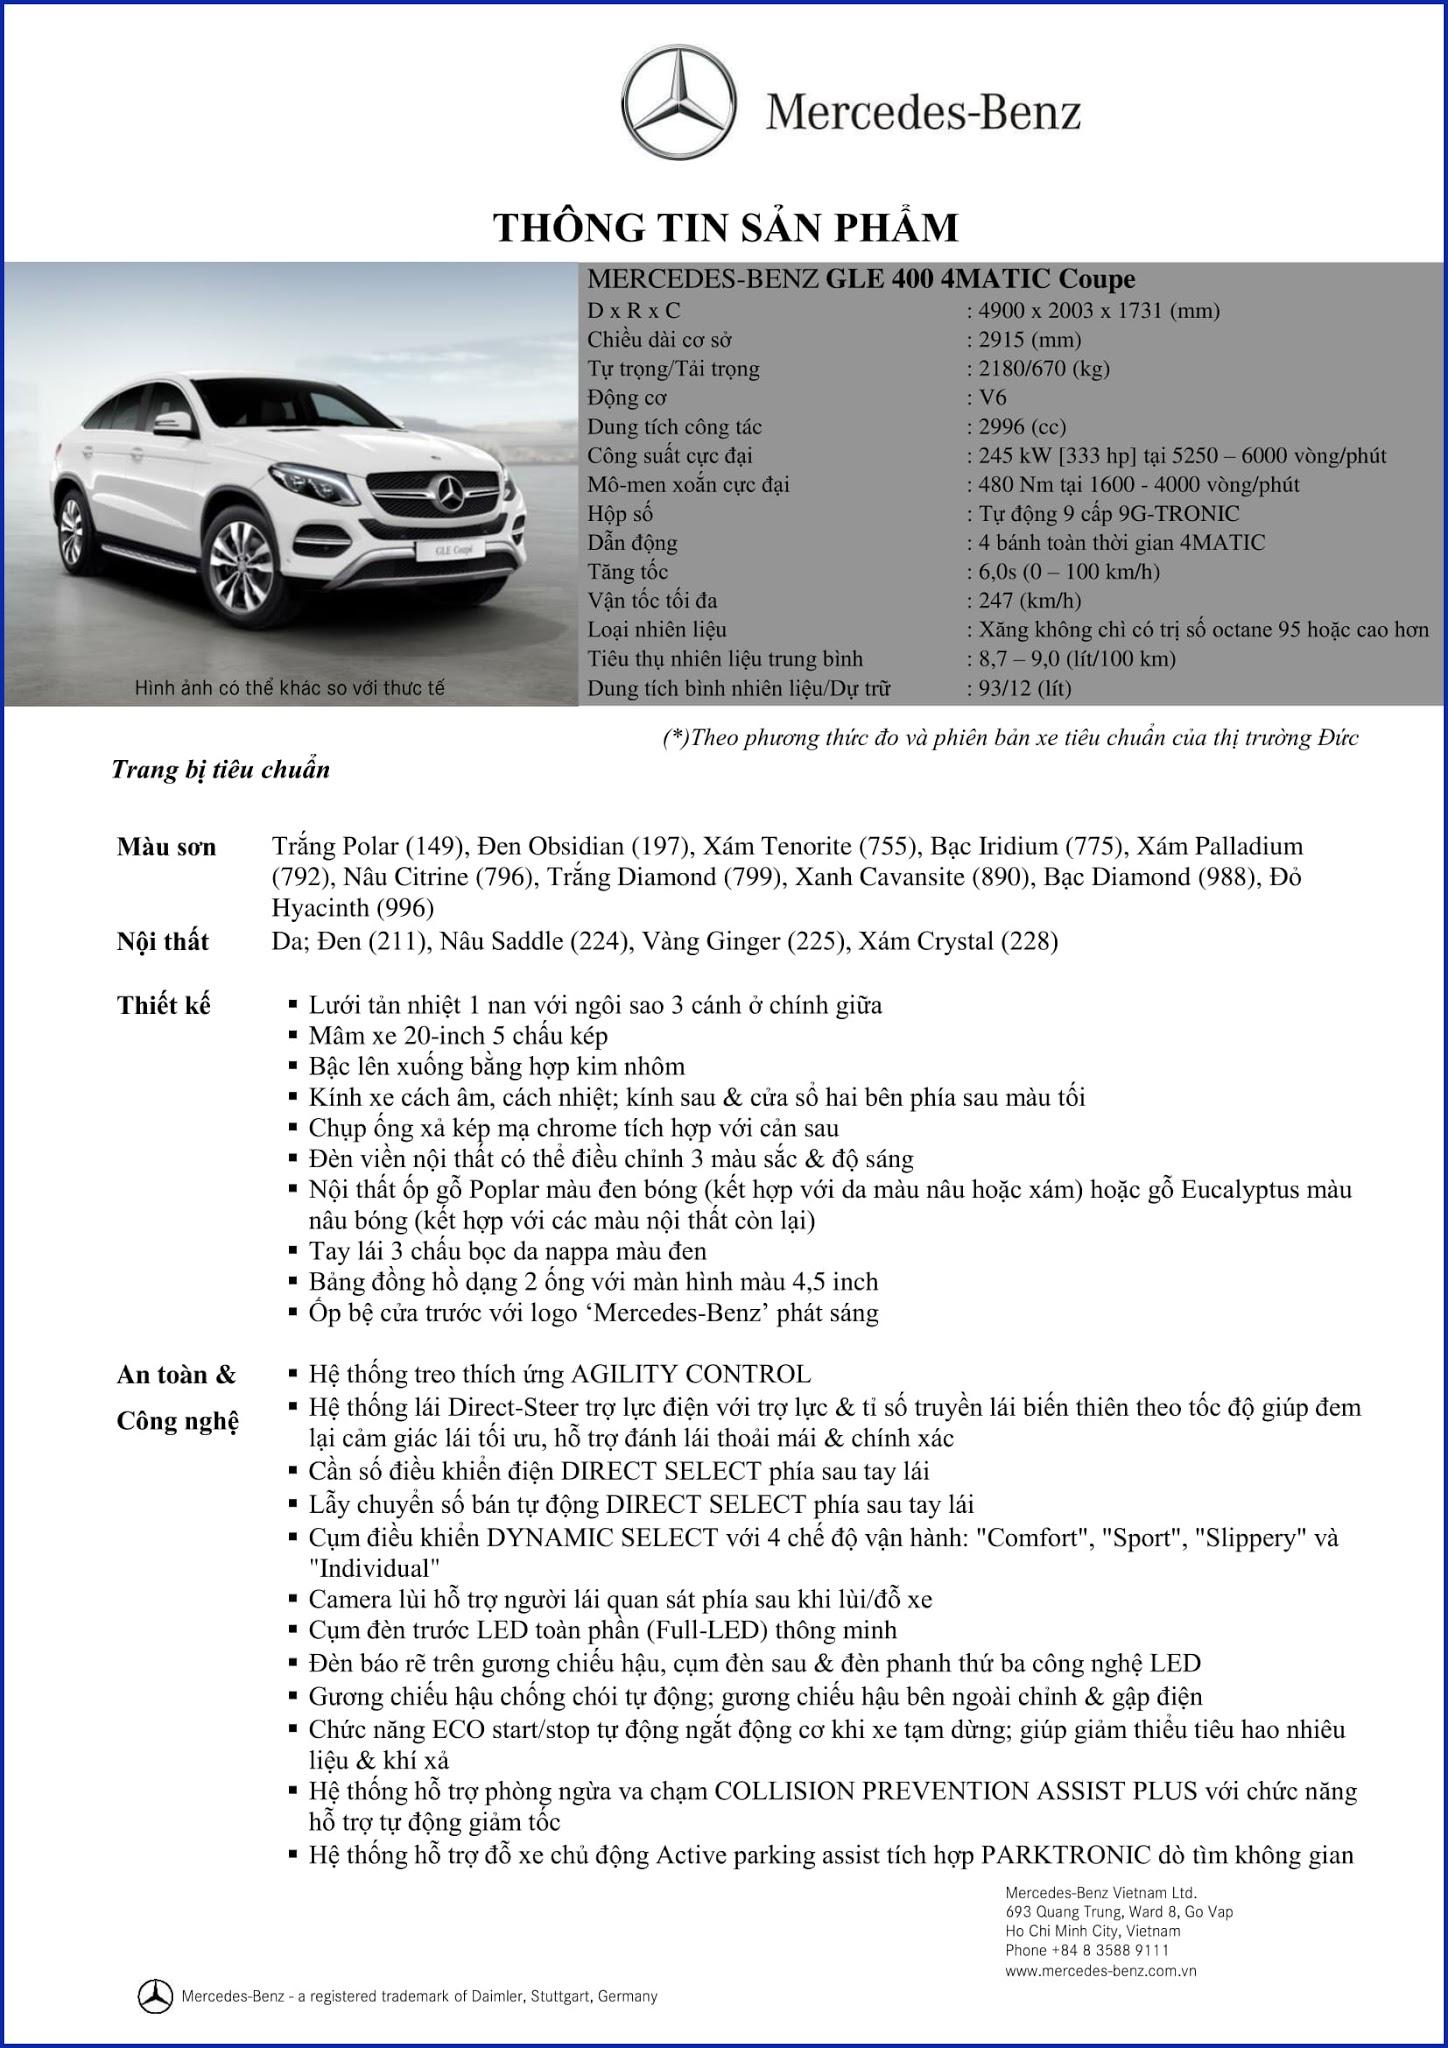 Bảng thông số kỹ thuật Mercedes GLE 400 4MATIC Coupe 2018 tại Mercedes Trường Chinh